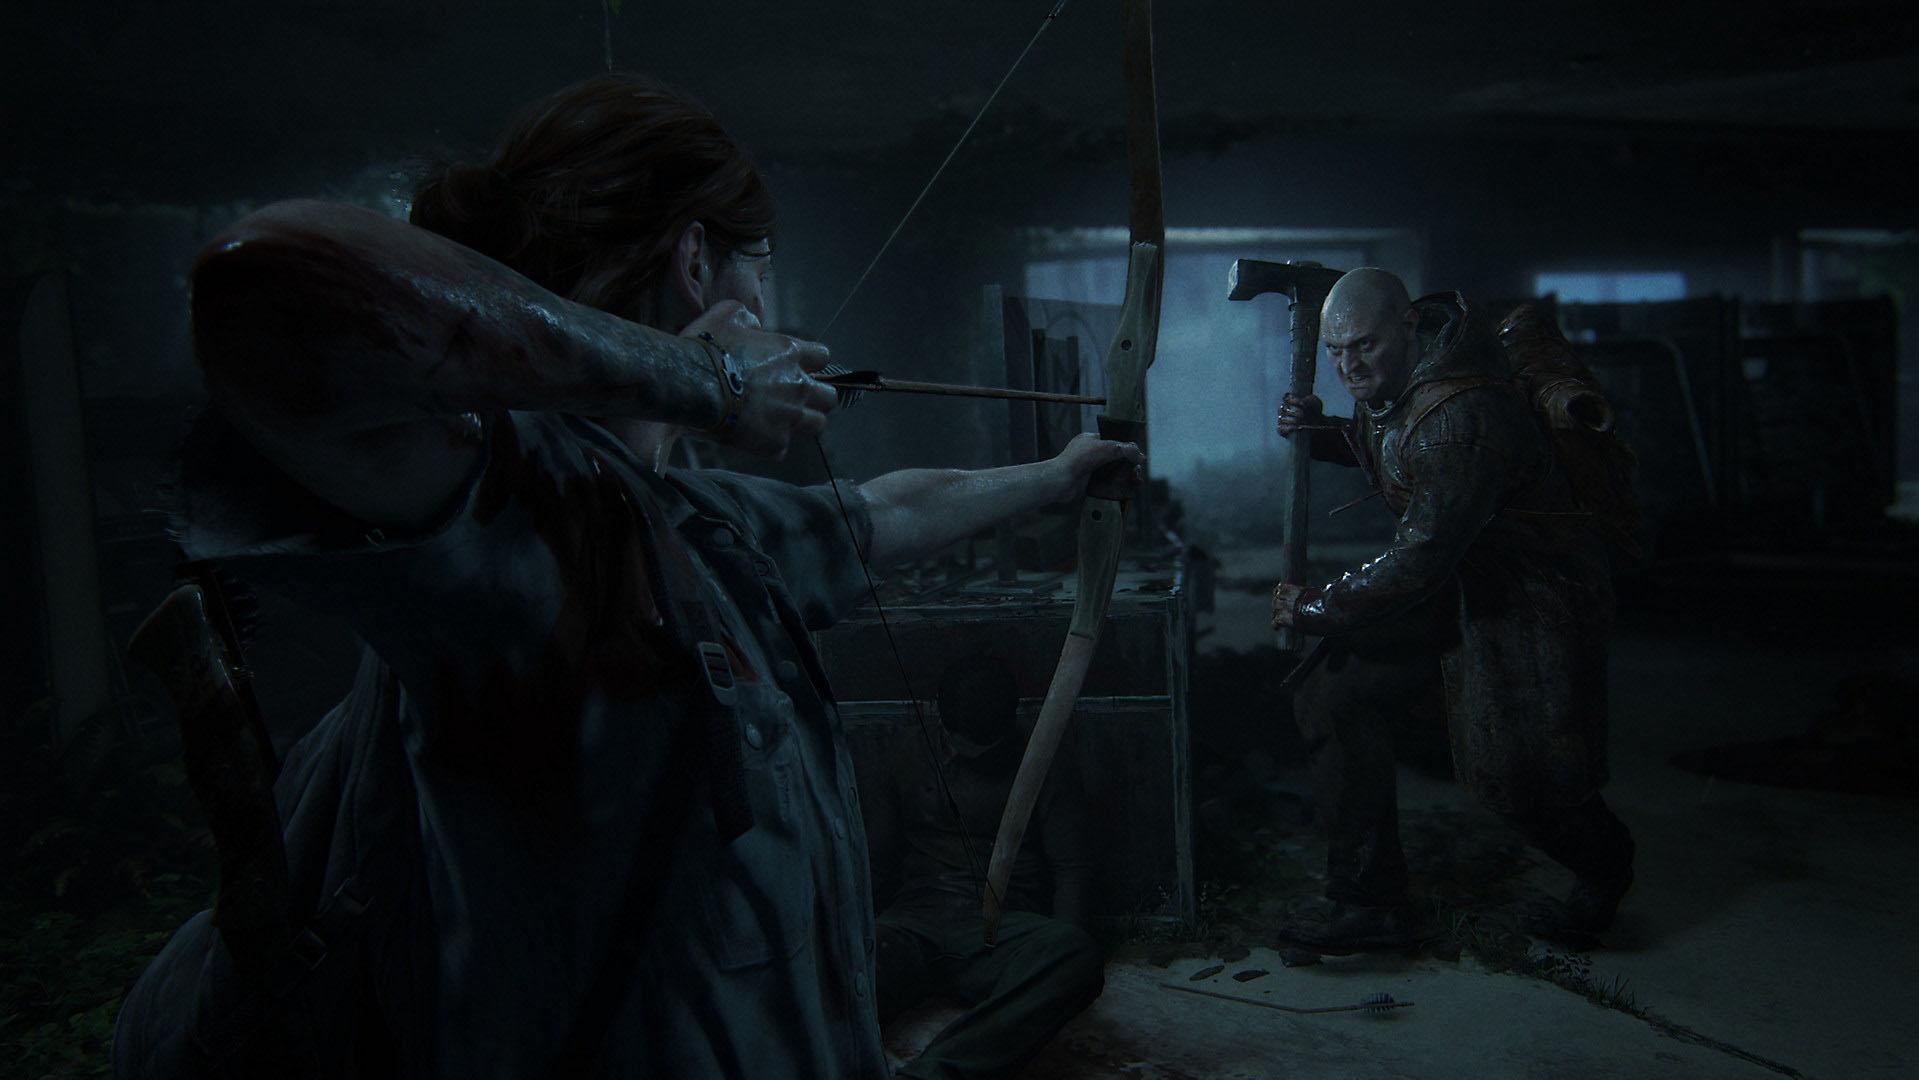 The Last of Us Parte II, la secuela perfecta en un mundo más grande y peligroso